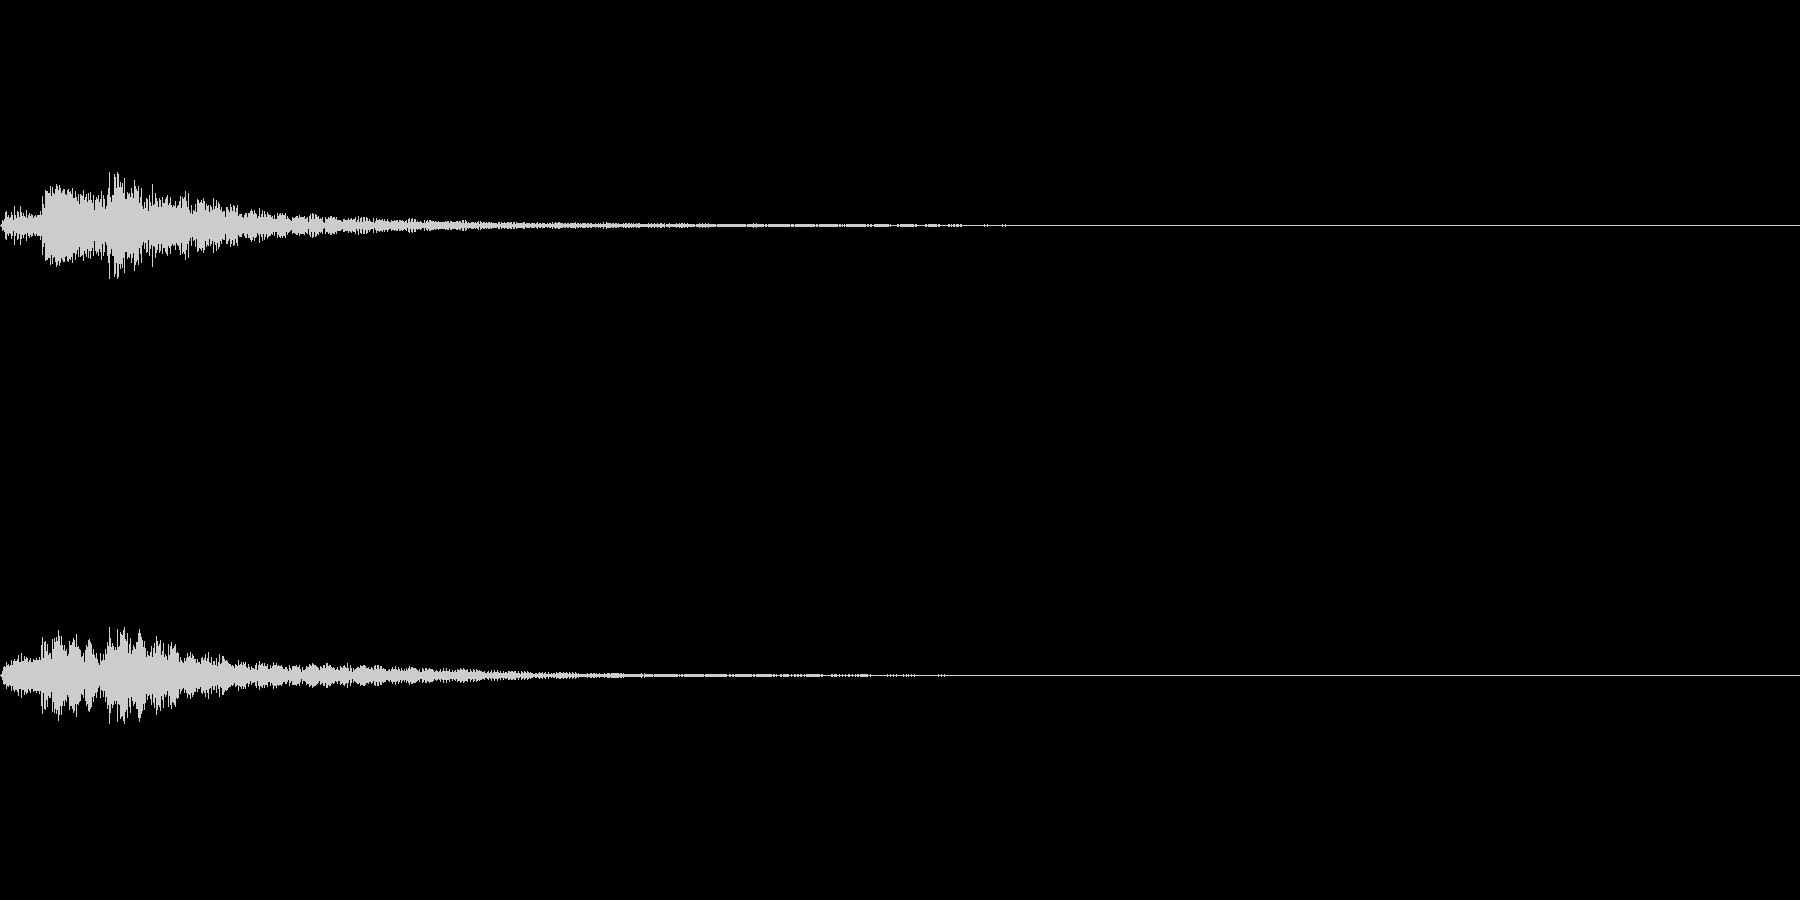 キャンセル 和風02の未再生の波形